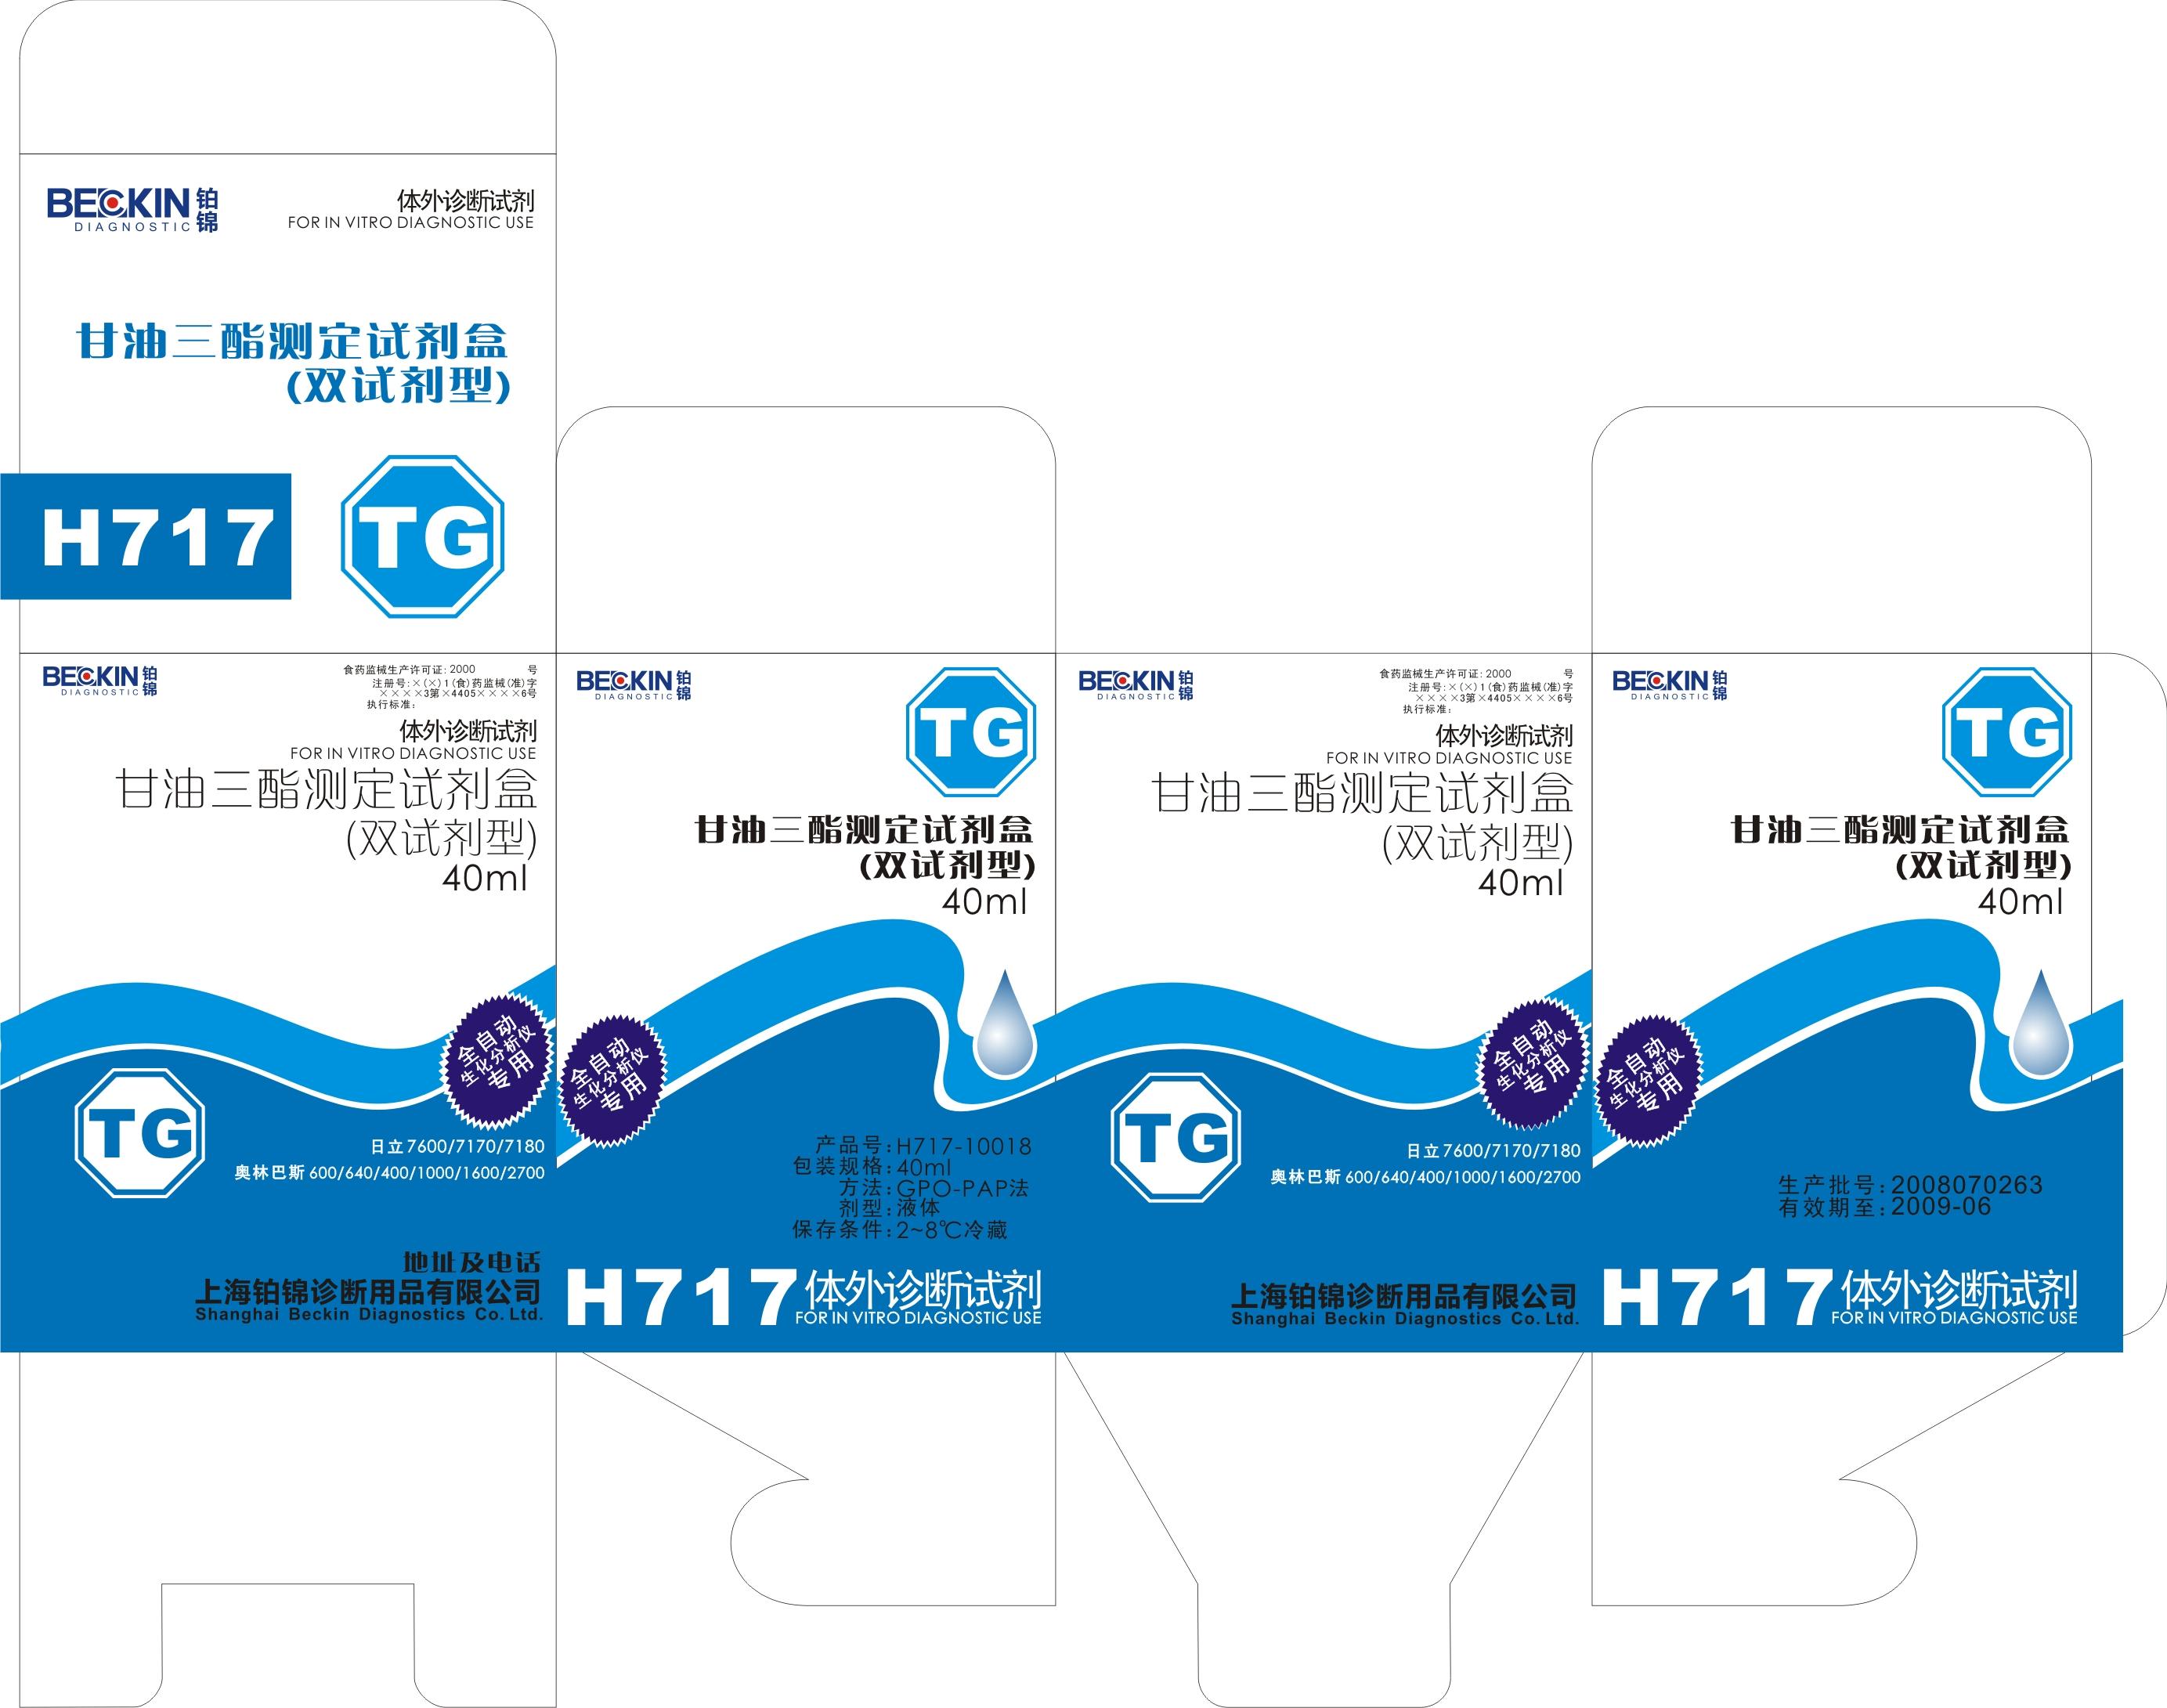 行業:醫藥 包裝風格:簡約;不同品種區分明顯;名稱突顯。包裝的色彩和風格讓用戶覺得專業,嚴謹,產品值得信賴。色彩符合醫院工作人員的職業視覺。 設計內容:3種盒子+1種封簽+1種標簽; 附件資料僅供參考。 A1款:貼封簽格式: 1.通用的盒子;有基本公司要素;同一系列產品貼不同的封簽以示區別。 2.